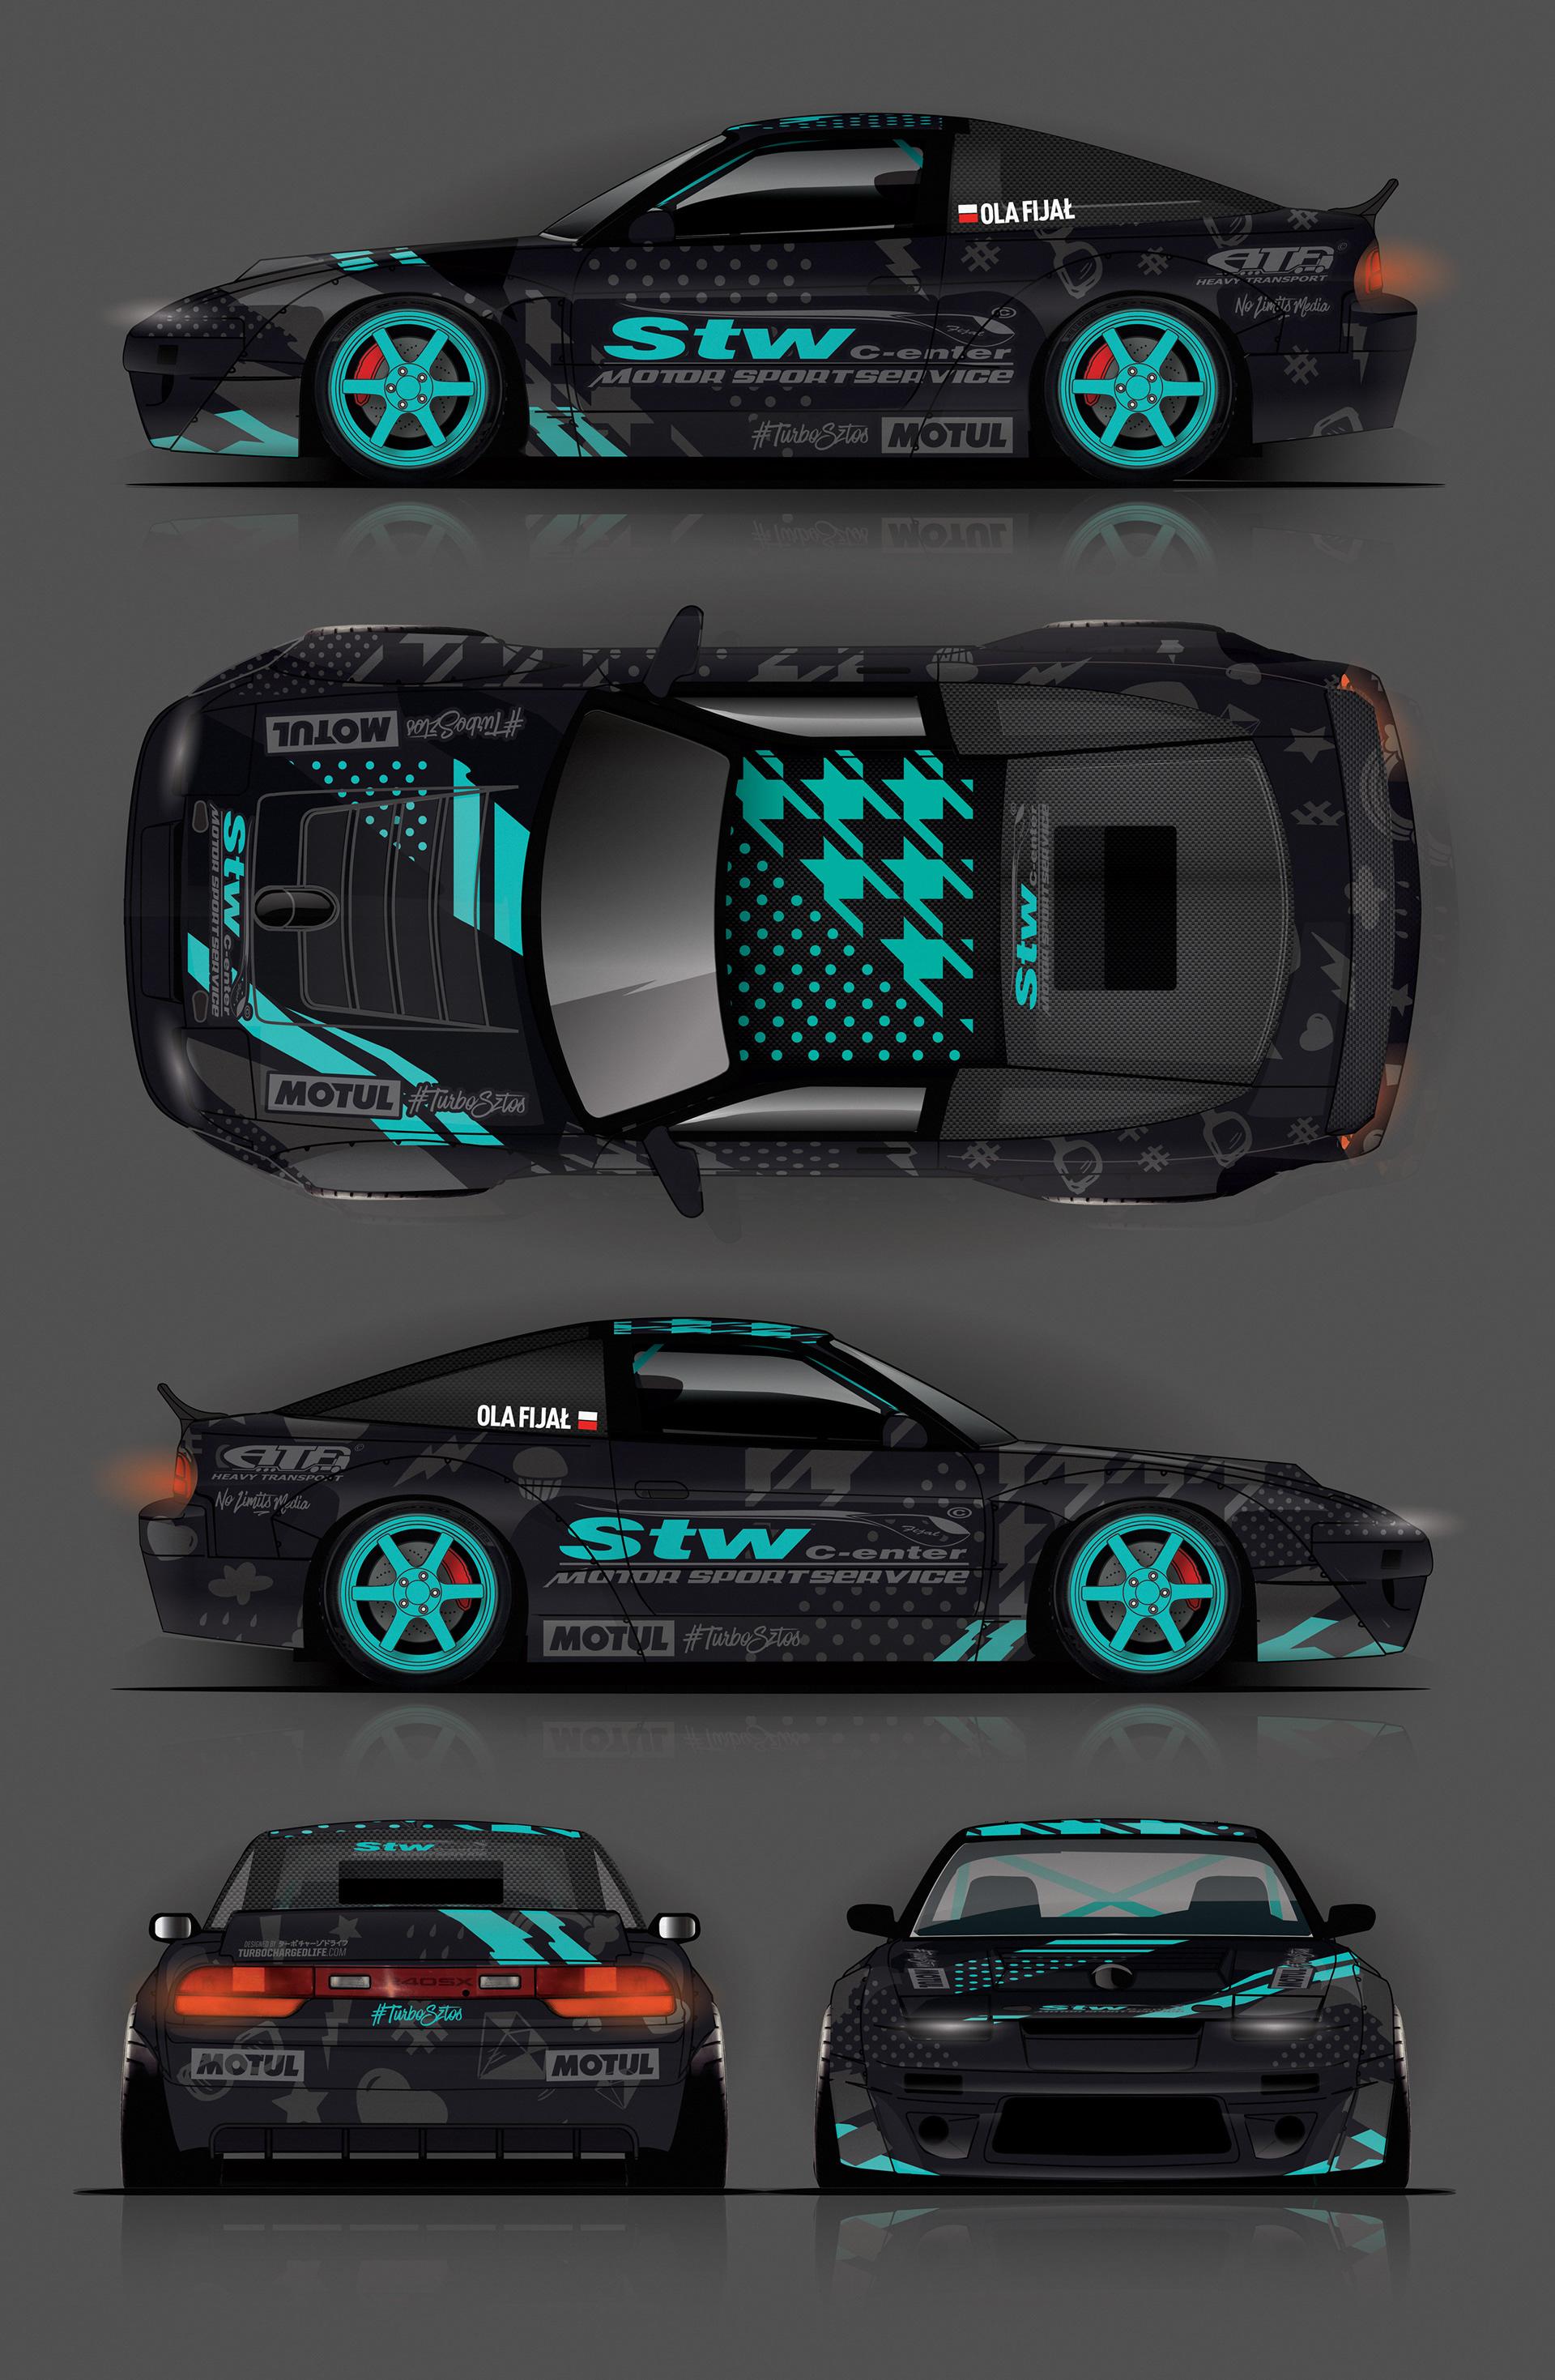 Motorsport Web Design